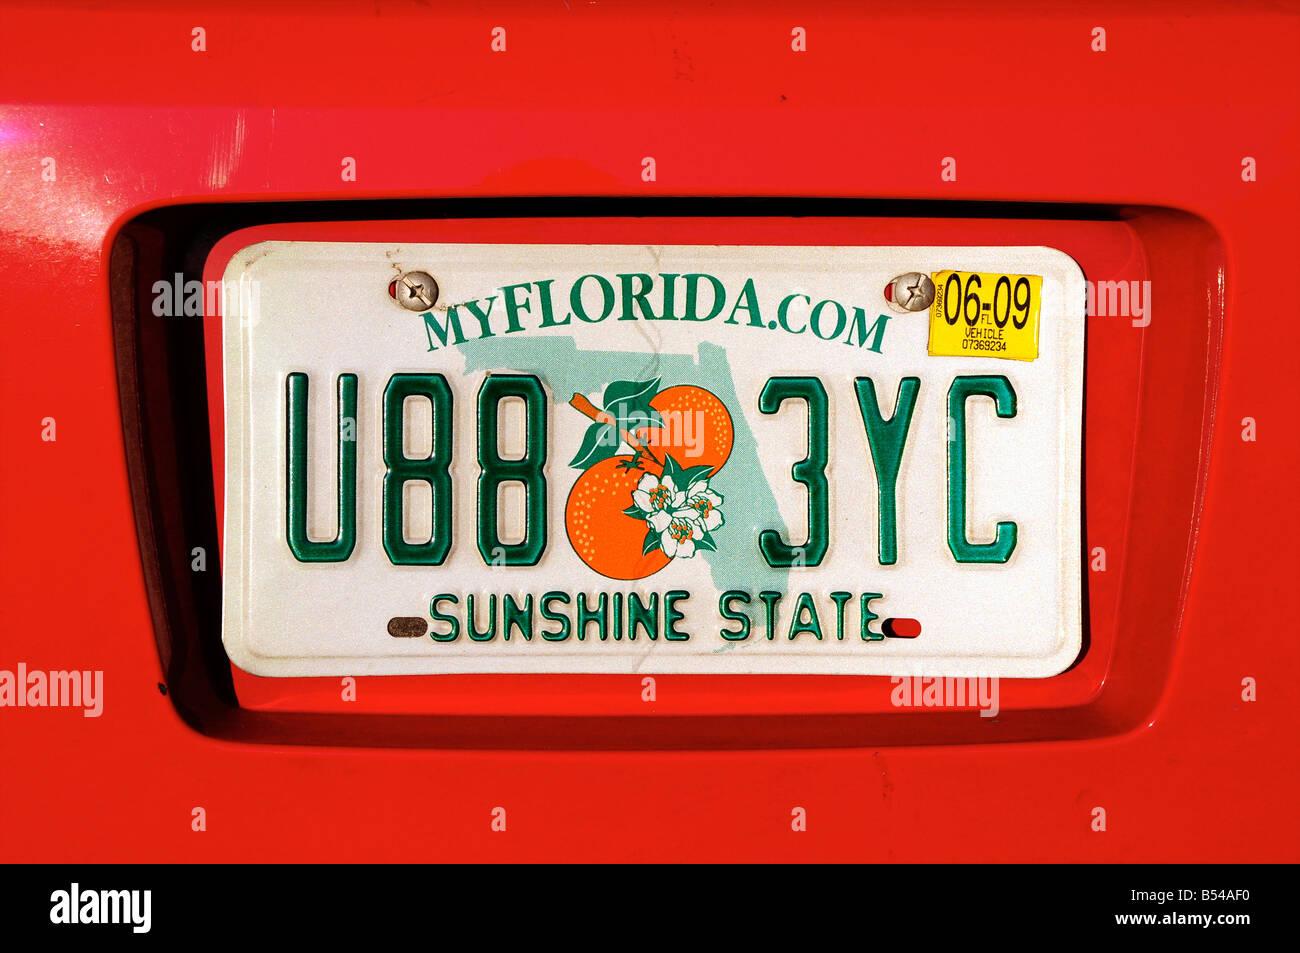 Florida Car Number Plate Usa Stock Photo 20379716 Alamy